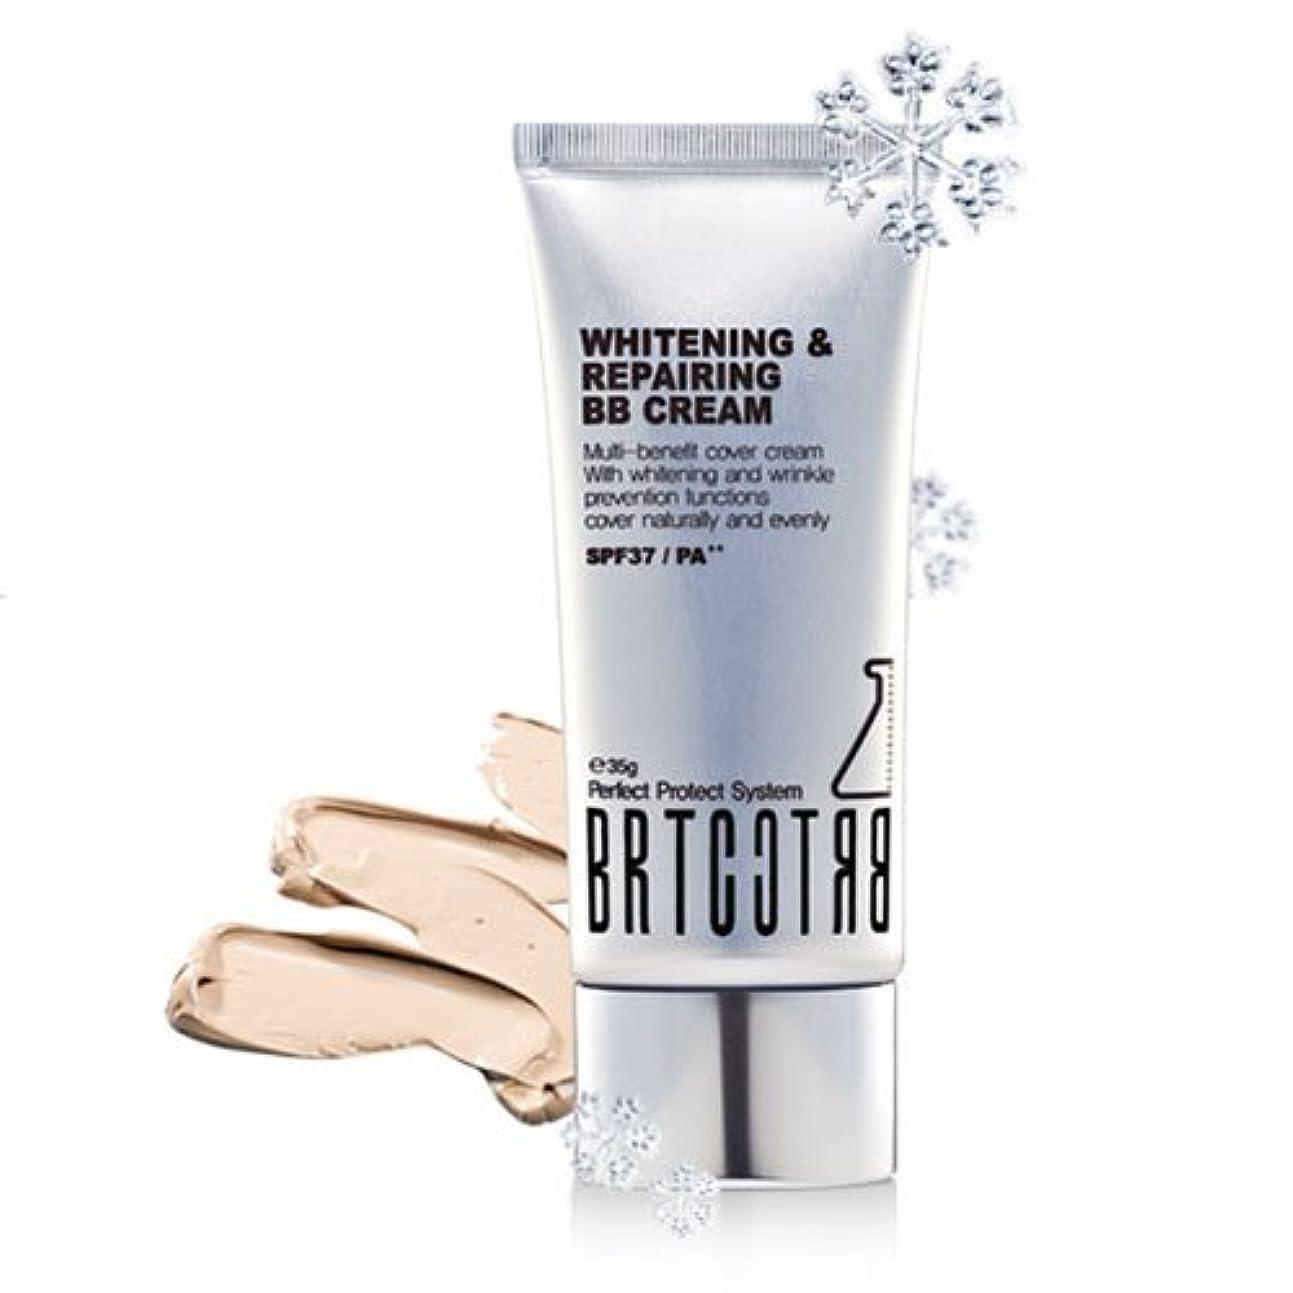 の配列香水敵対的BRTC ホワイトニング リペアリング BBクリーム (SPF37,PA++) [海外直送品][並行輸入品]